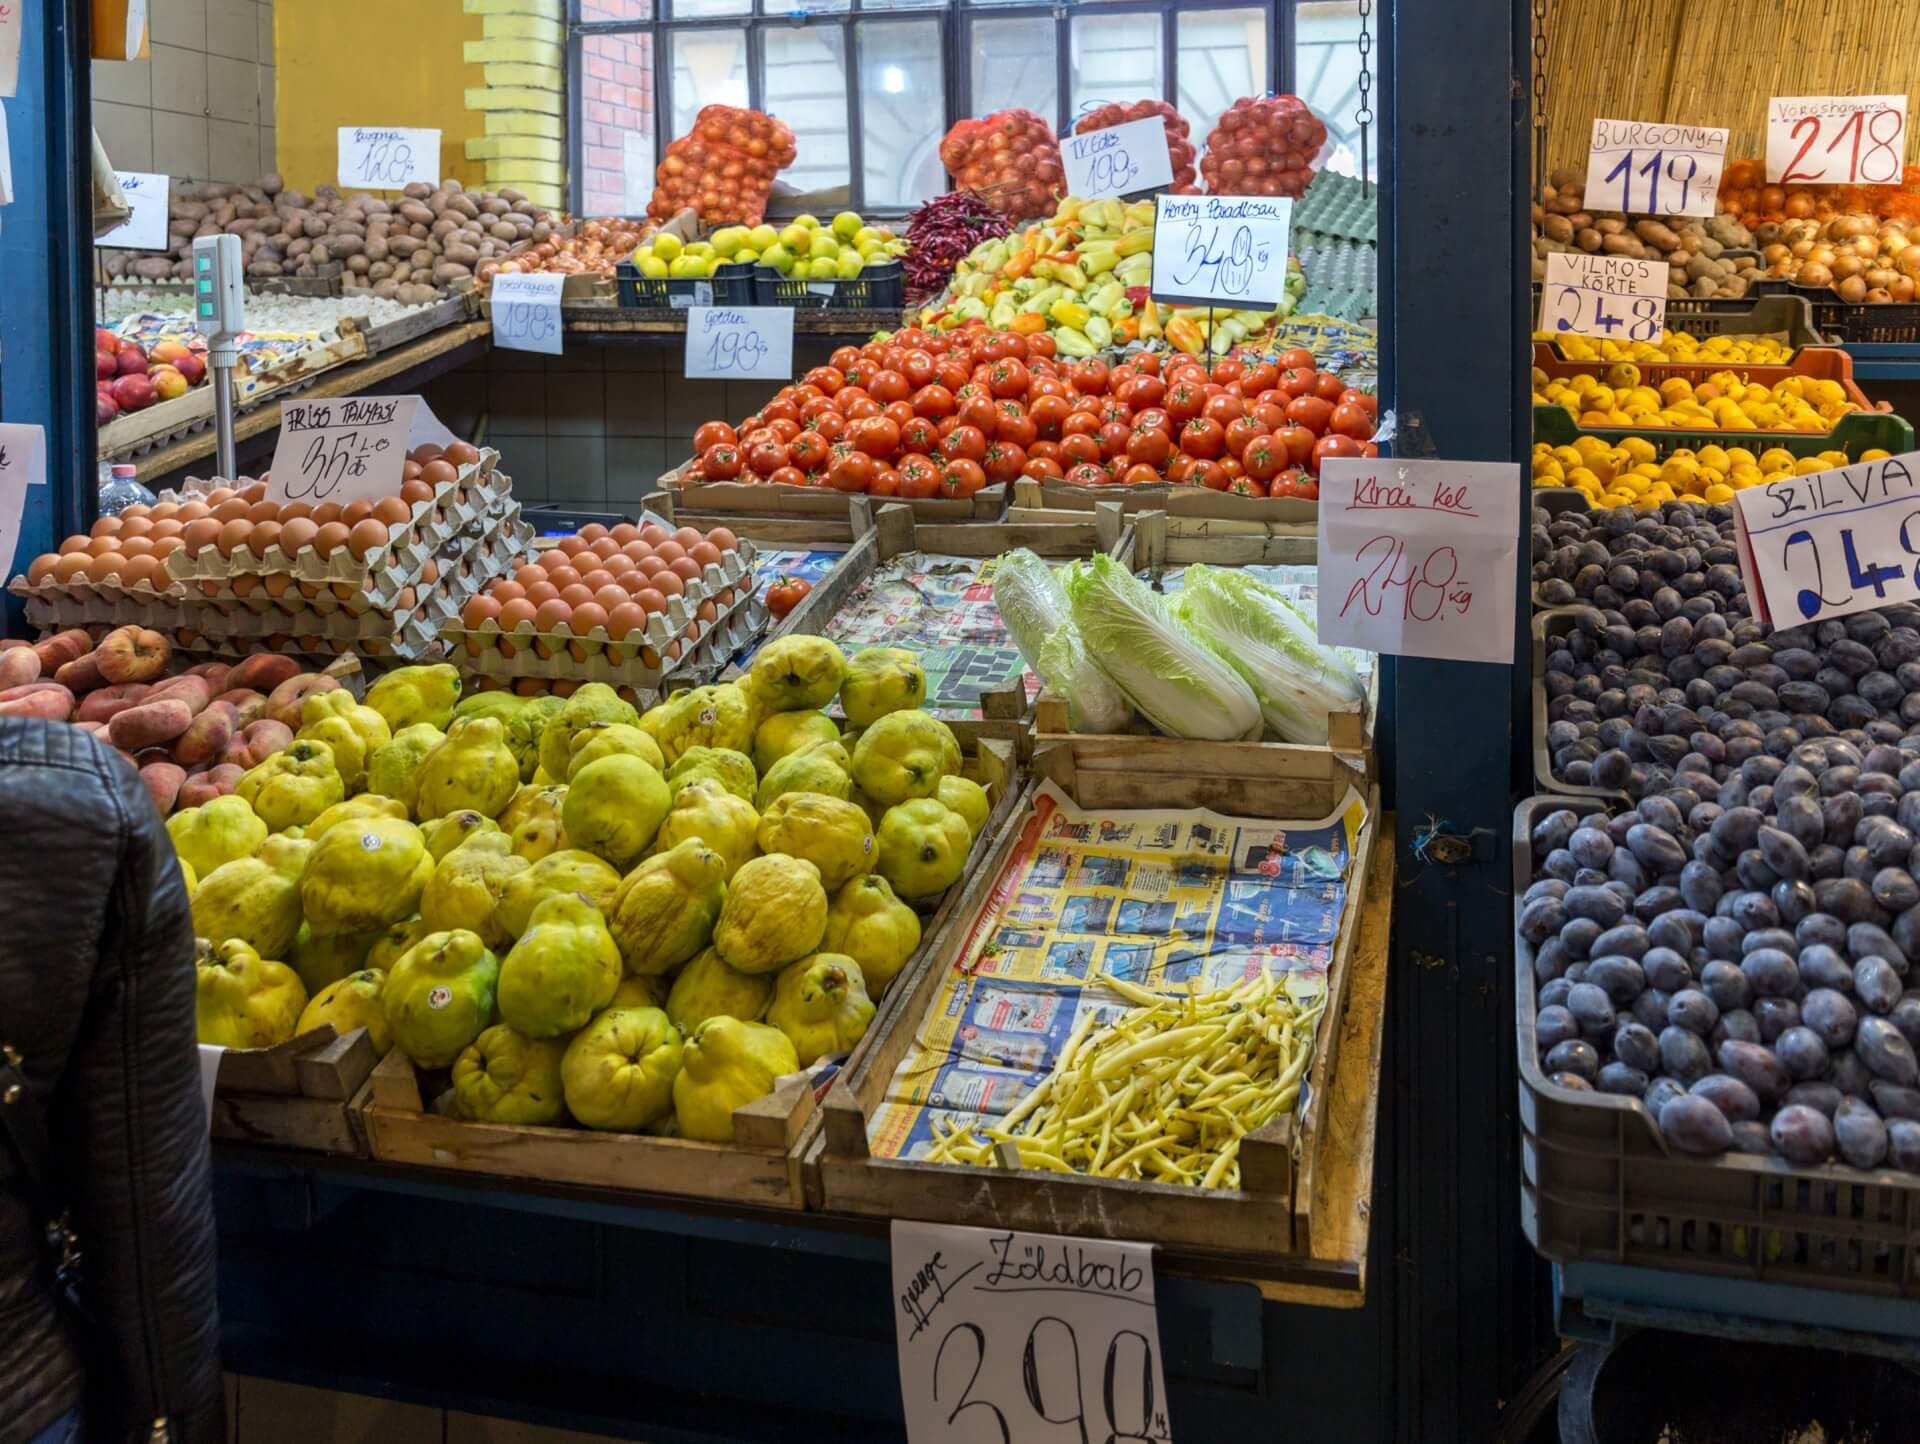 Obst und Gemüse, Markthalle Budapest